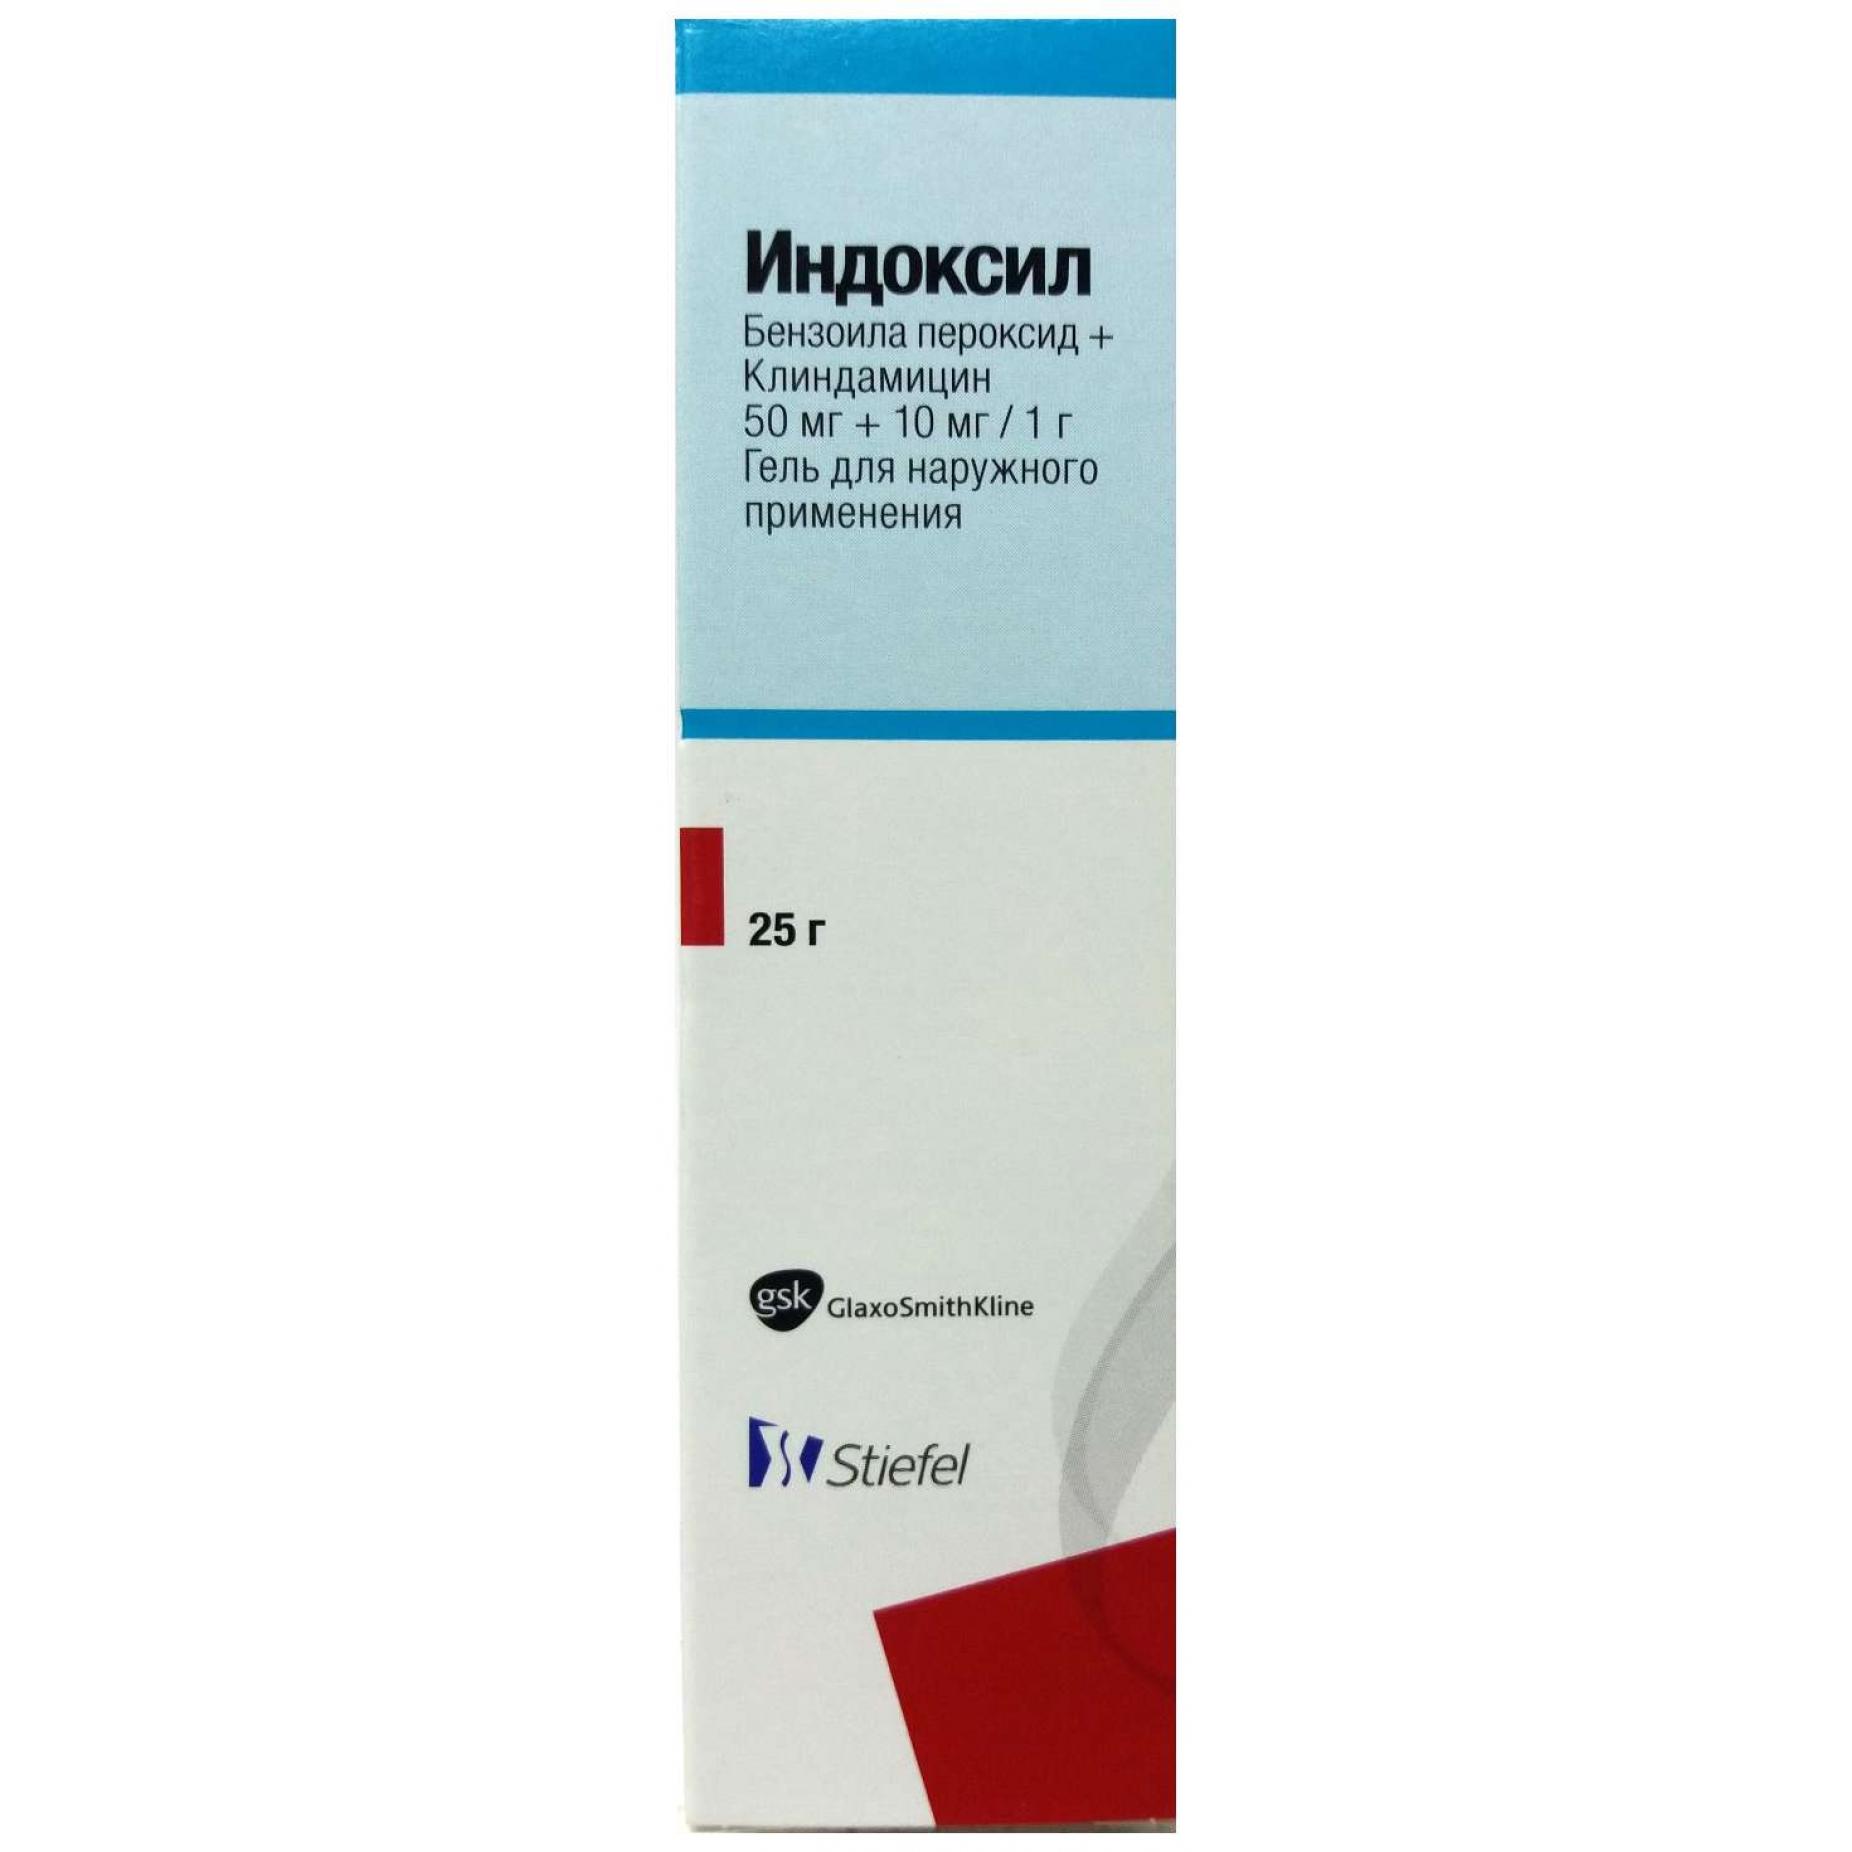 ИНДОКСИЛ гель для наружного применения 50 мг+10 мг/г 25 г